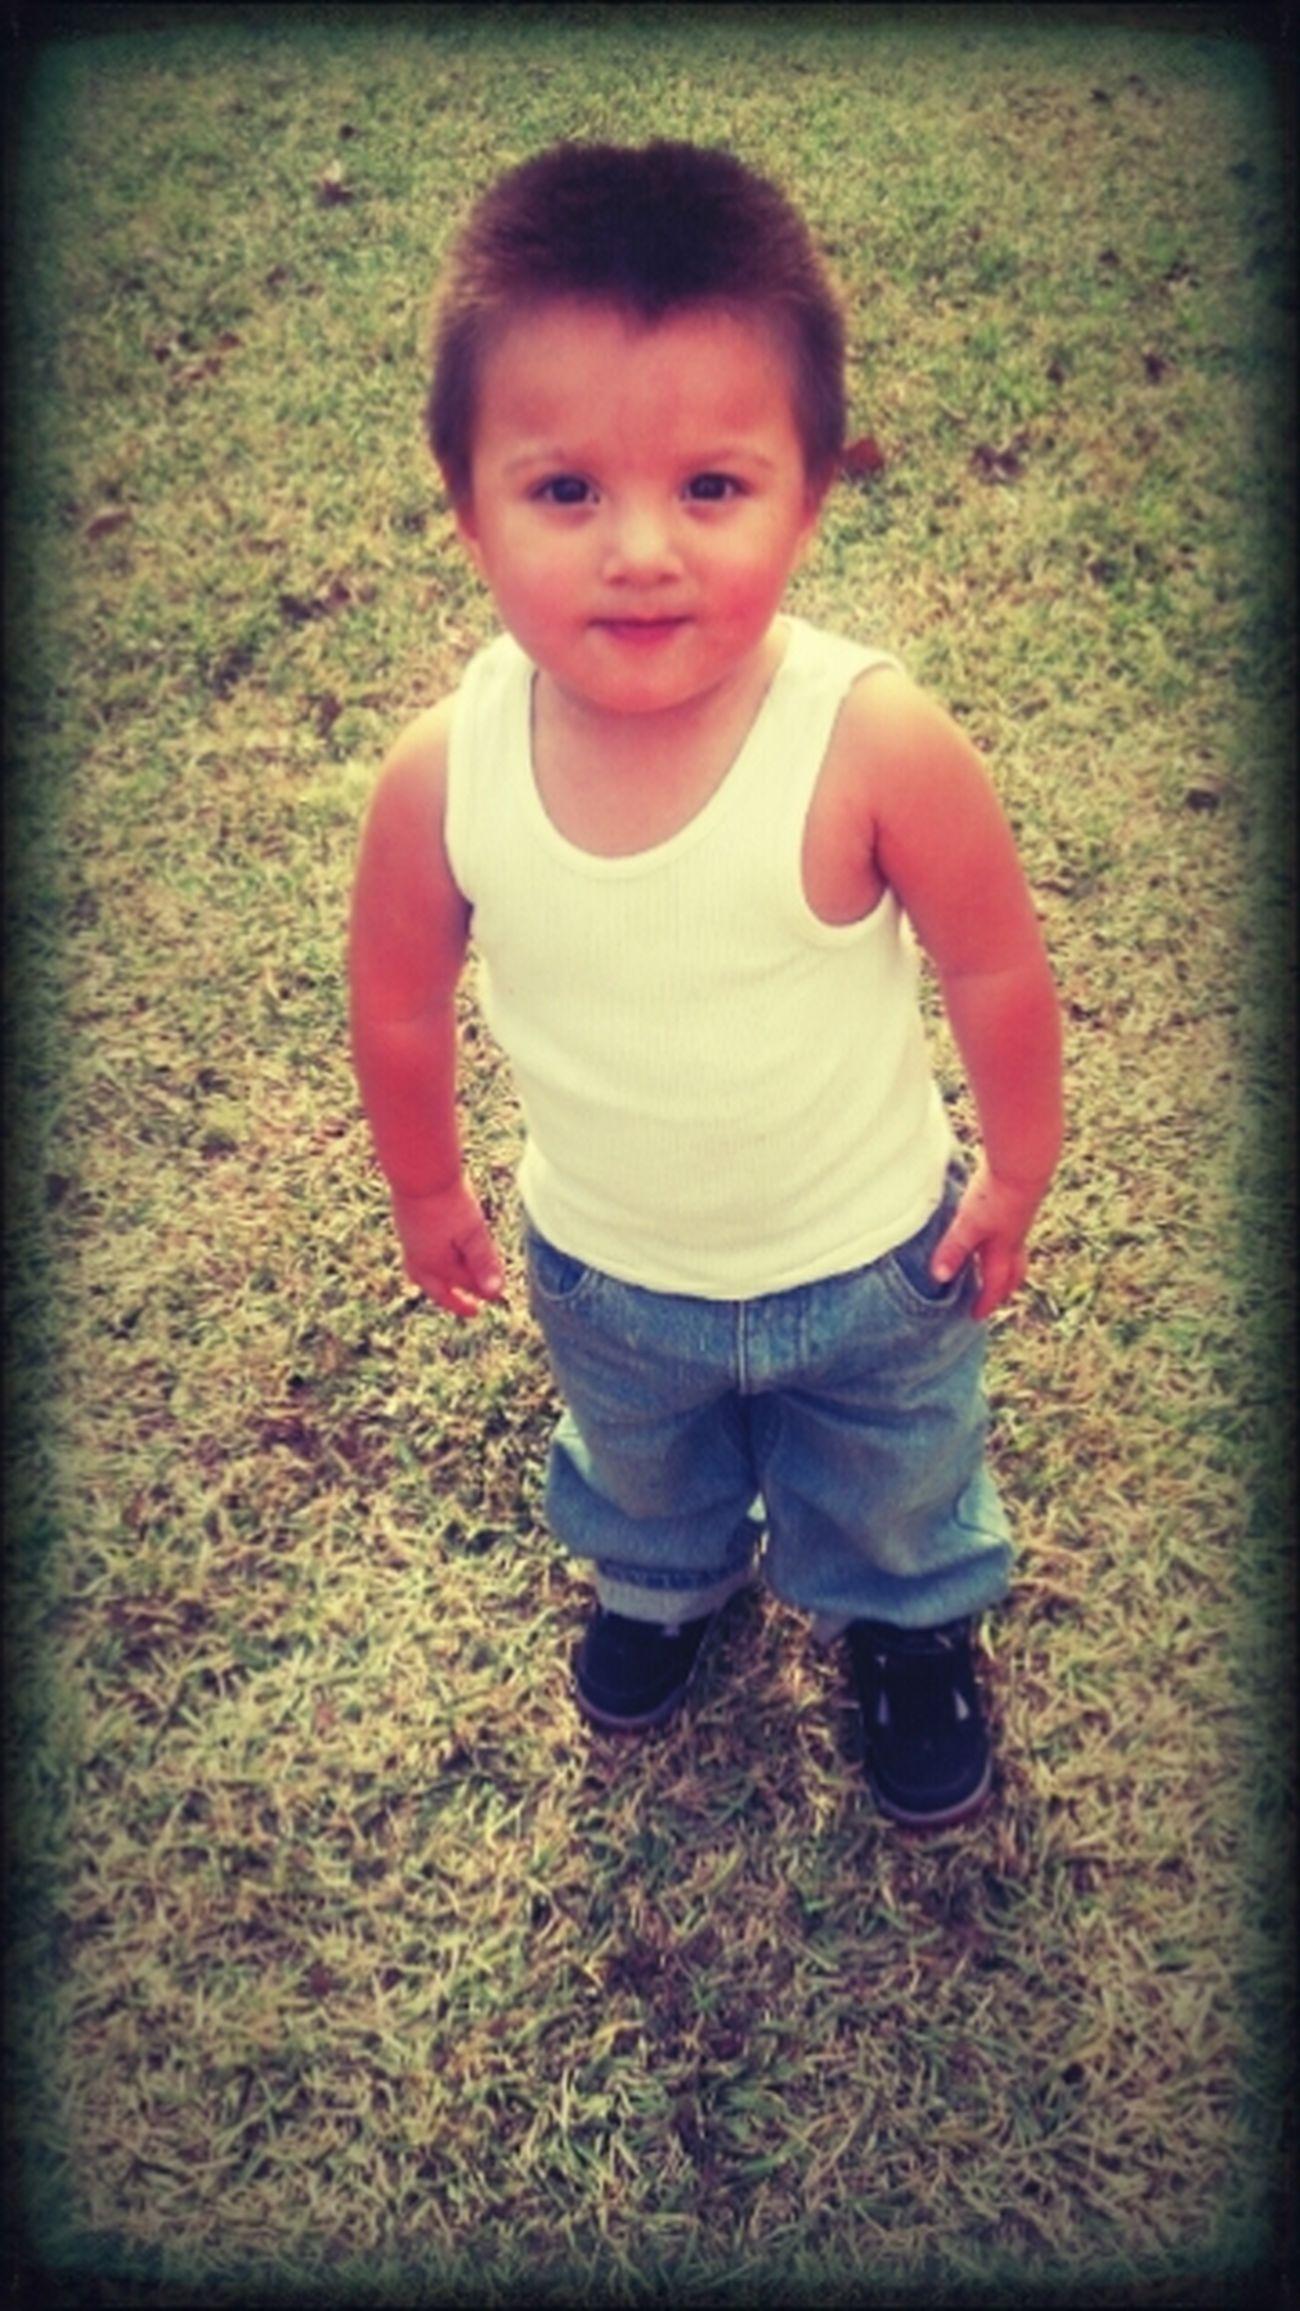 Jordan♥ mommas baby.